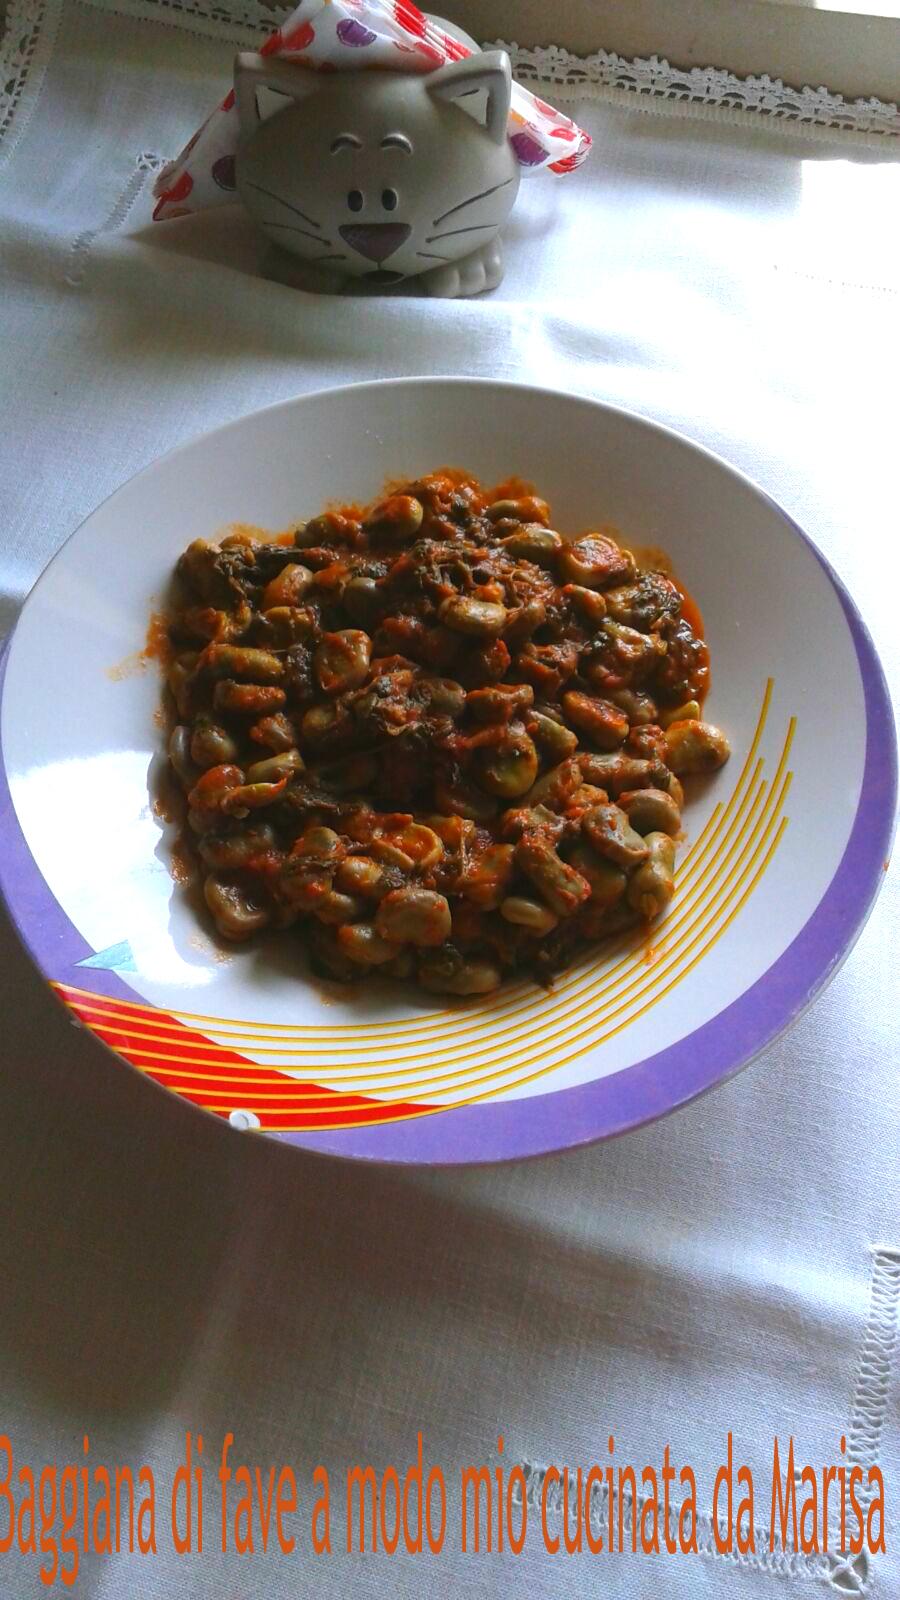 Baggiana di fave a modo mio cucinata da Marisa